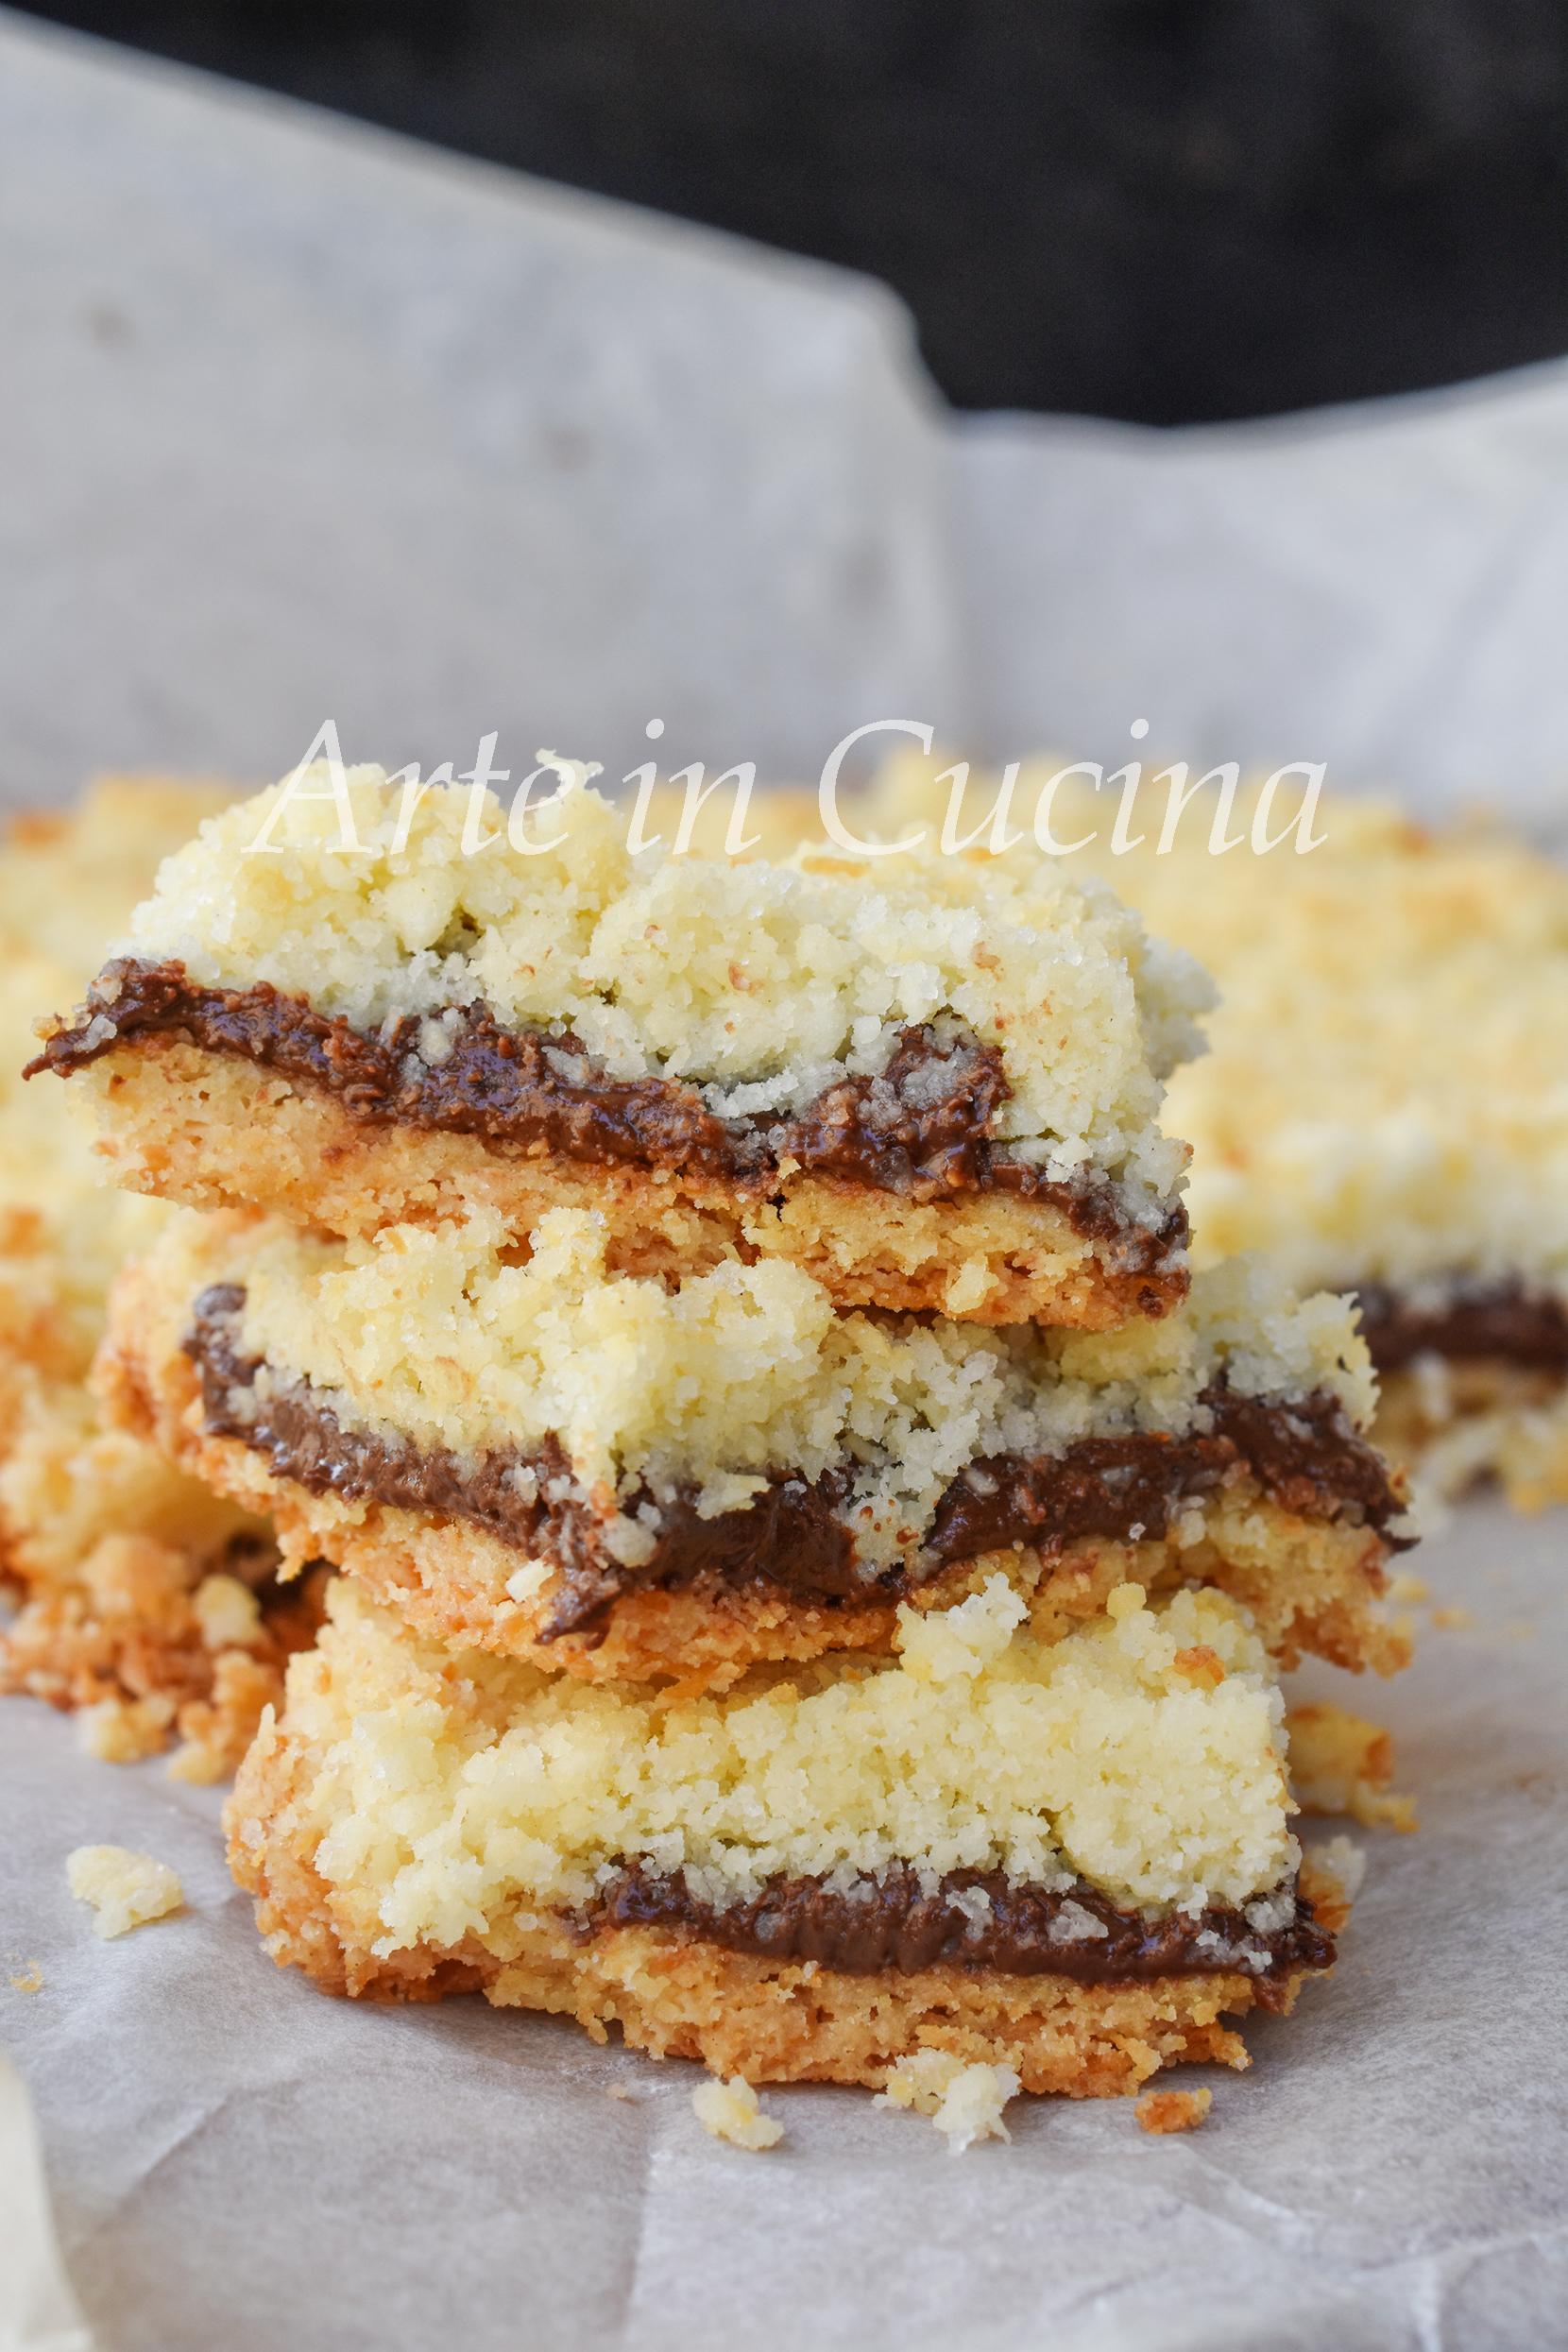 Crumble cocco e nutella ricetta dolce veloce